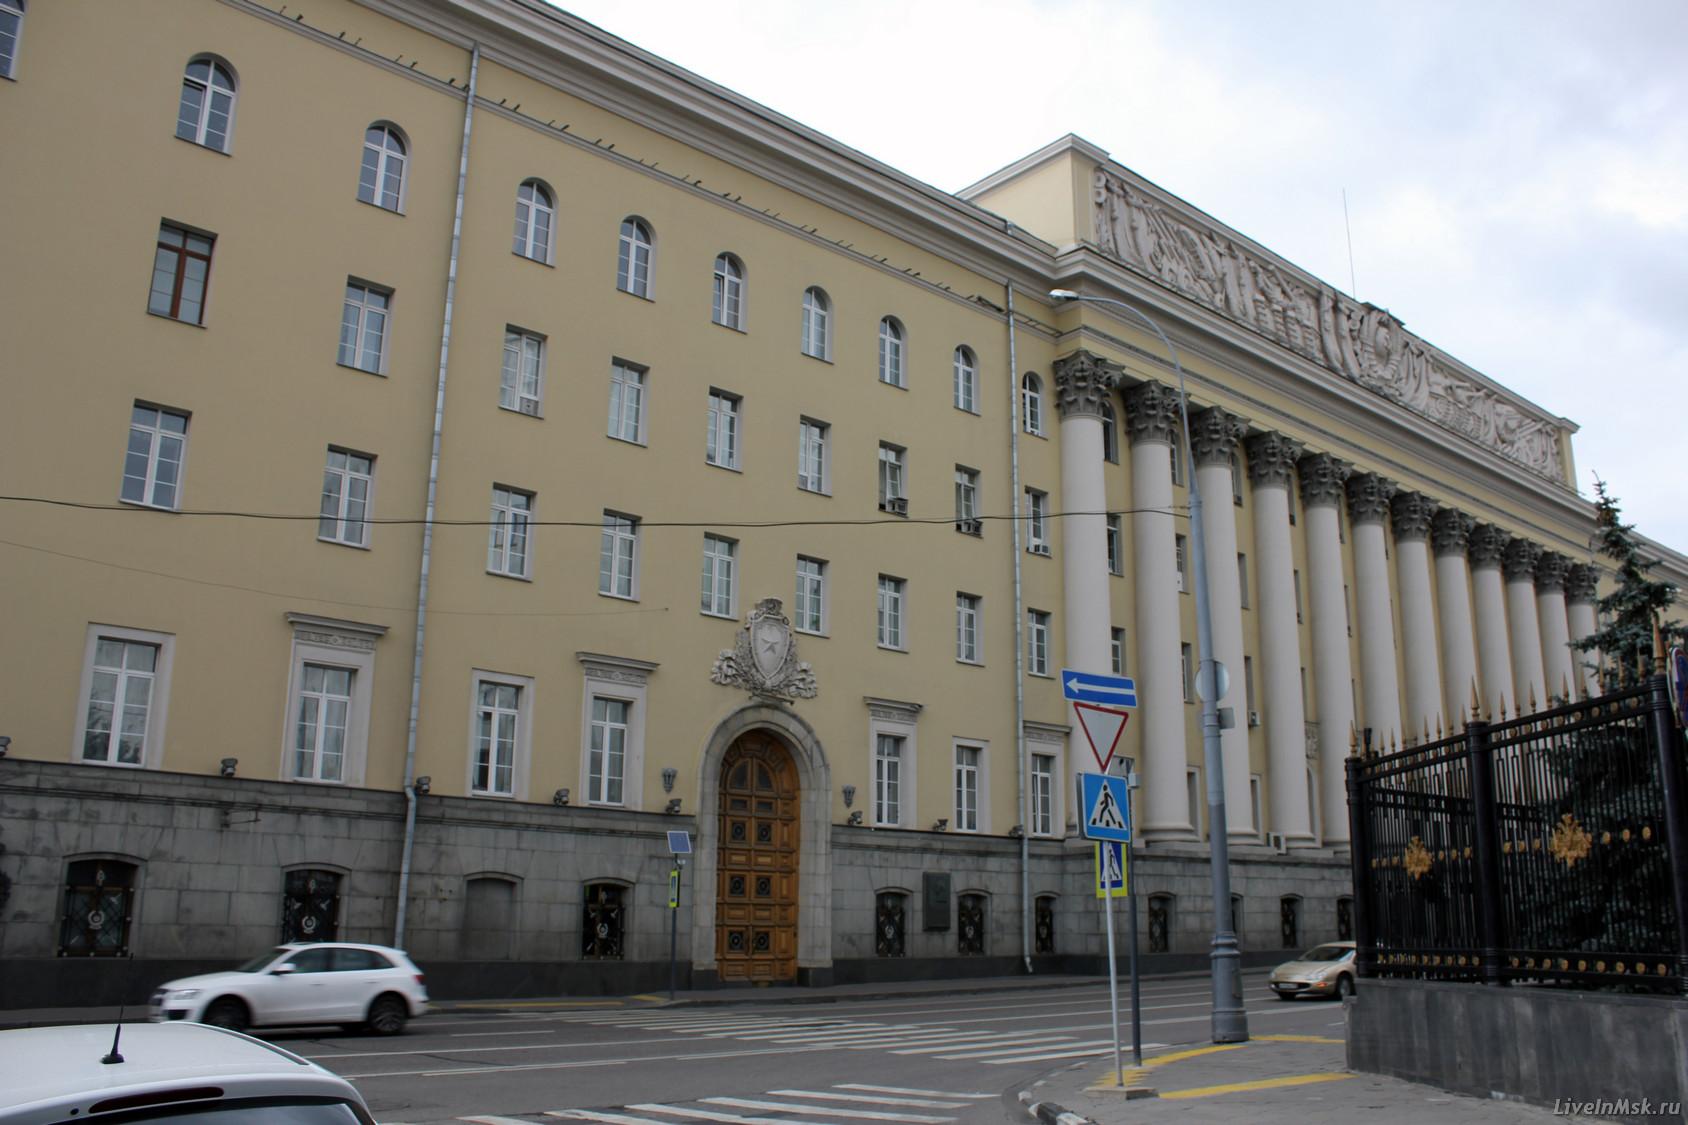 Министерство Обороны, фото 2014 года